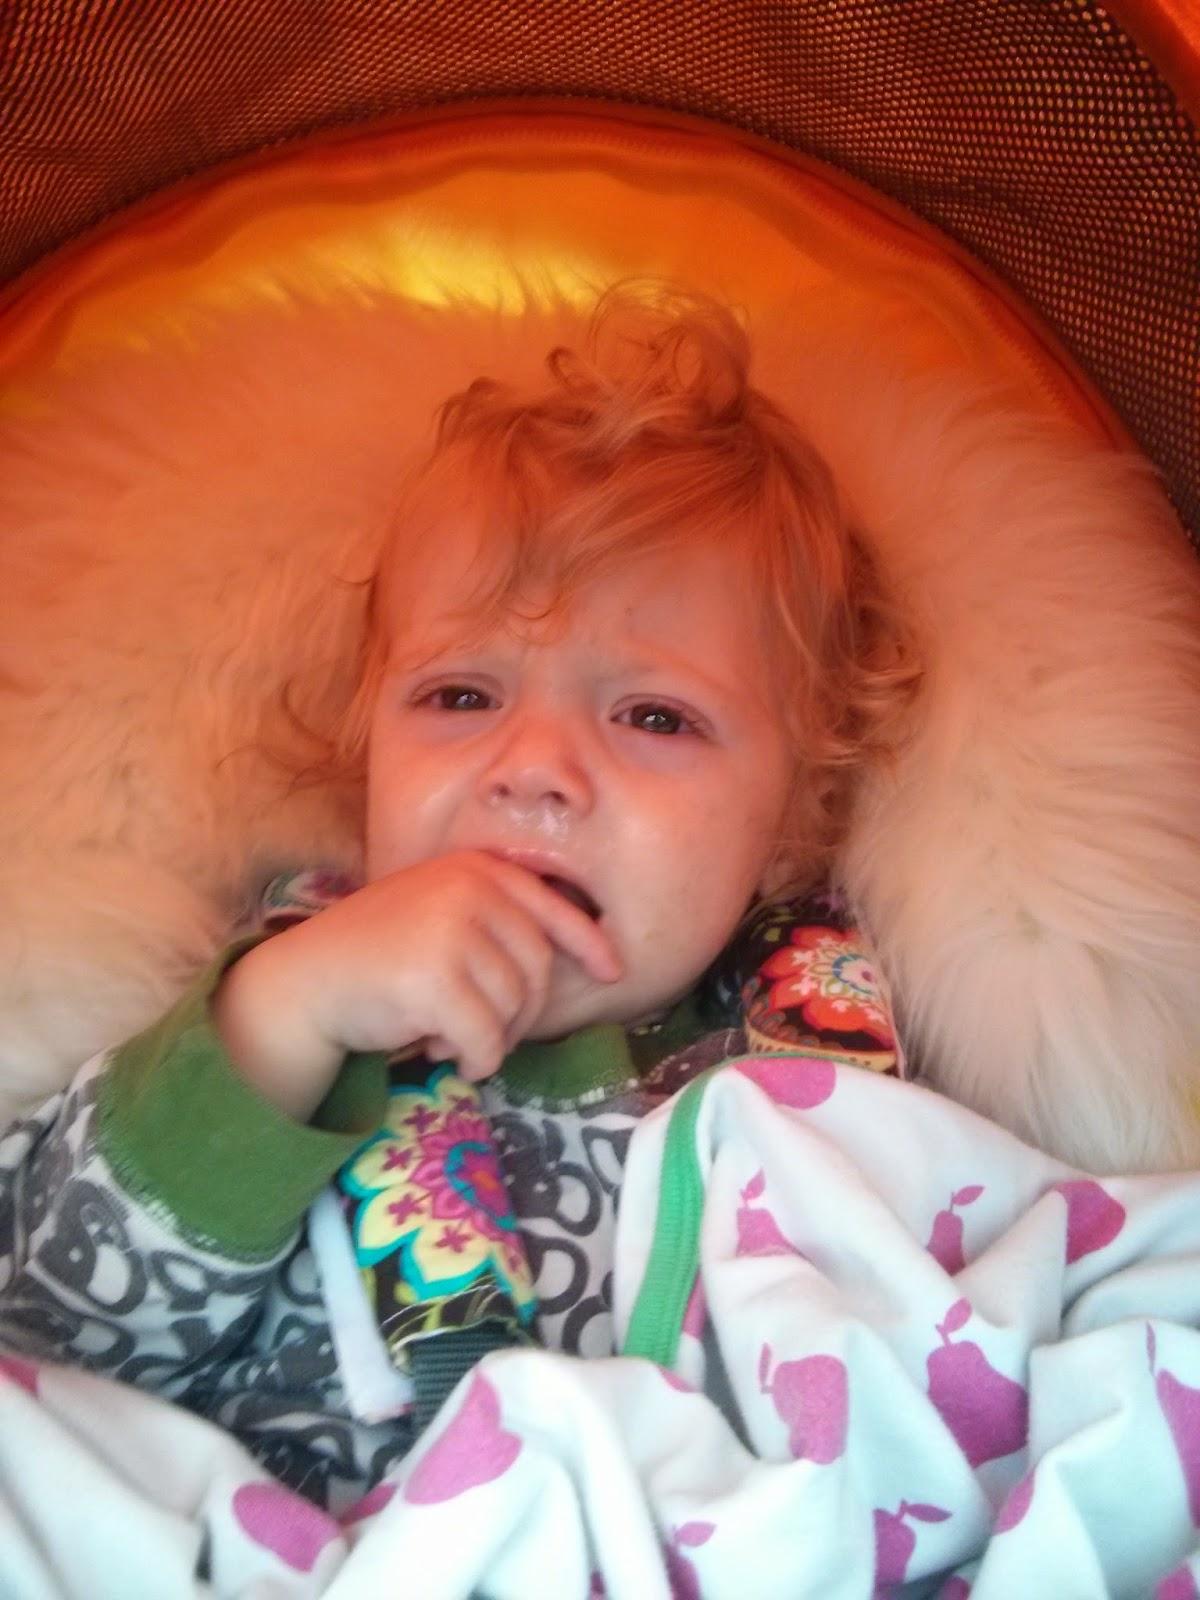 Snotty Baby Stokke Xplory